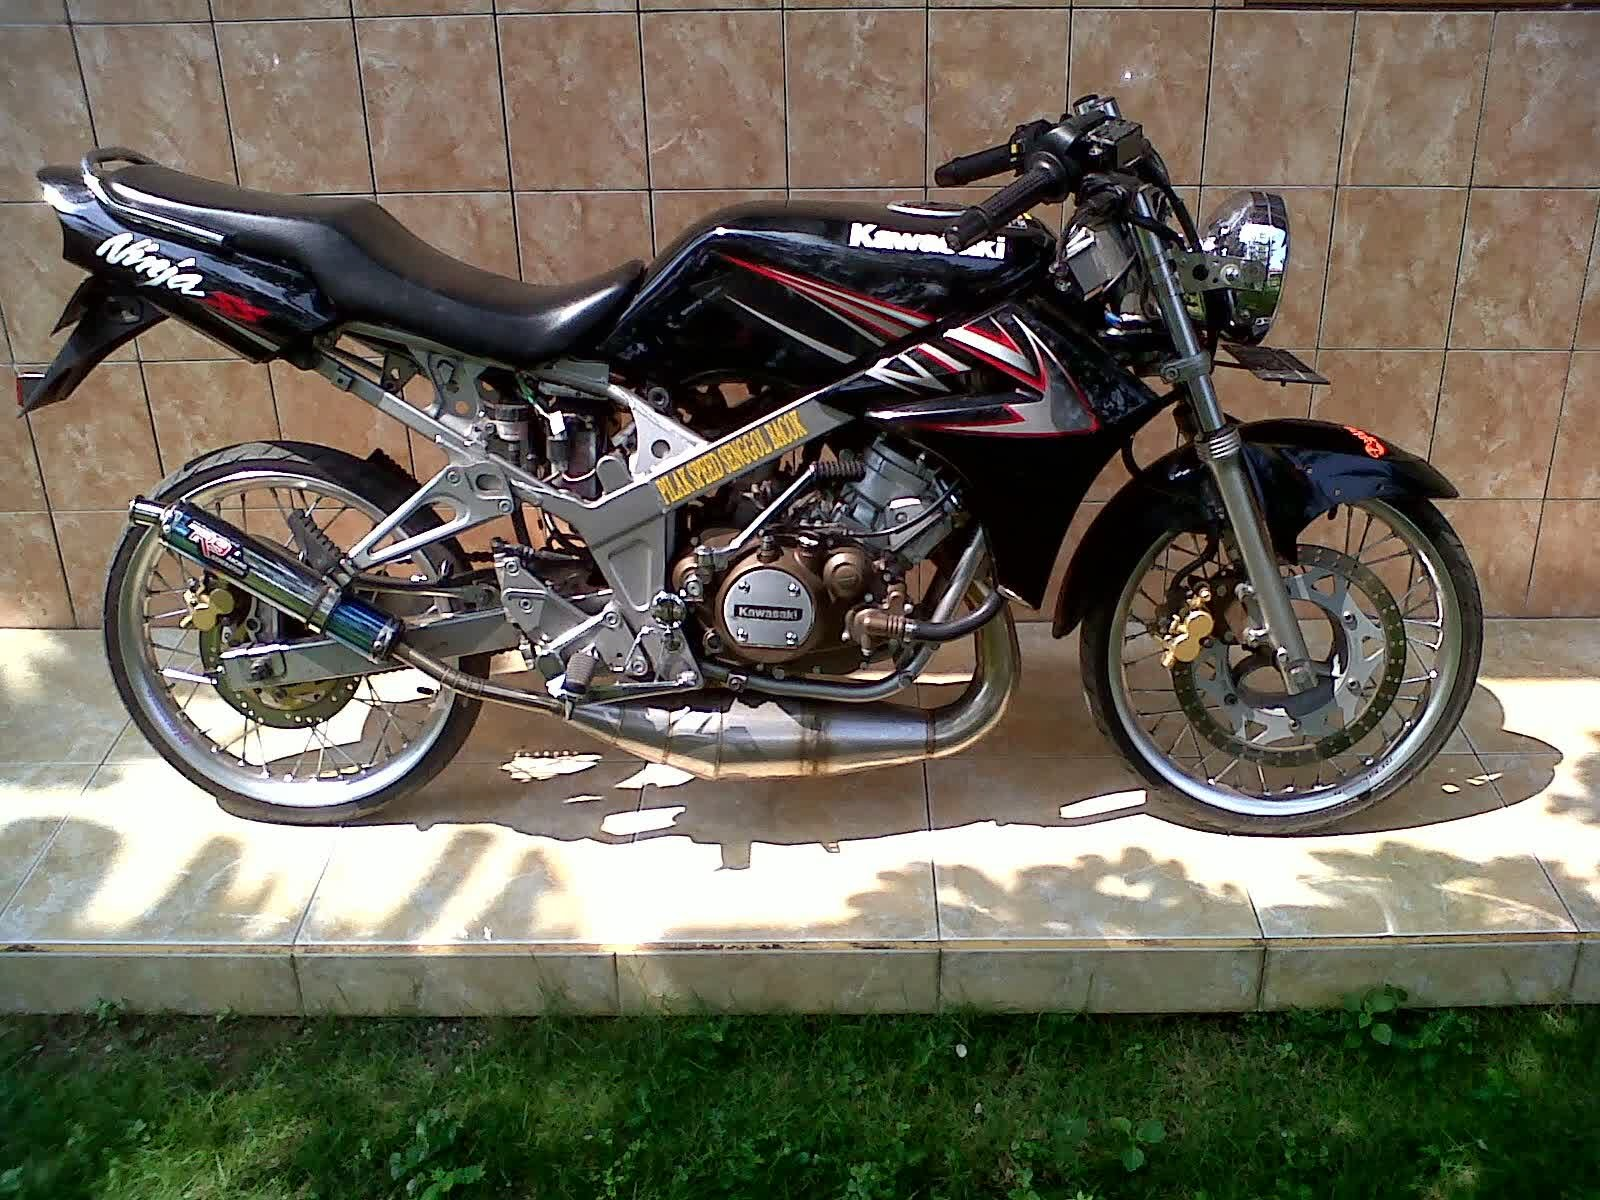 Koleksi Foto Modifikasi Motor Kawasaki Ninja 150 R Terlengkap